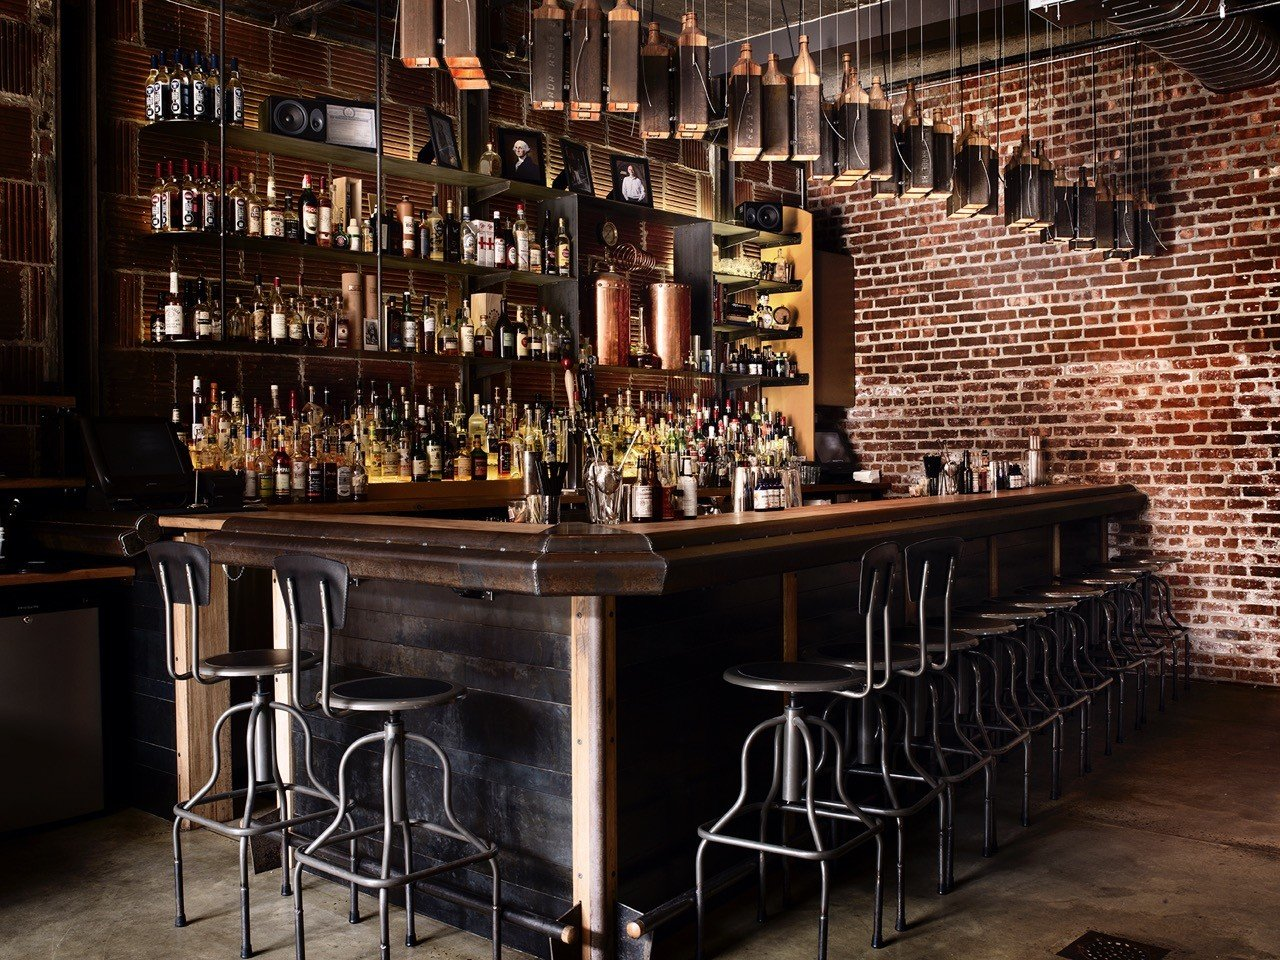 Brooklyn Food + Drink floor Bar interior design liquor store restaurant table tavern café pub store several dining room